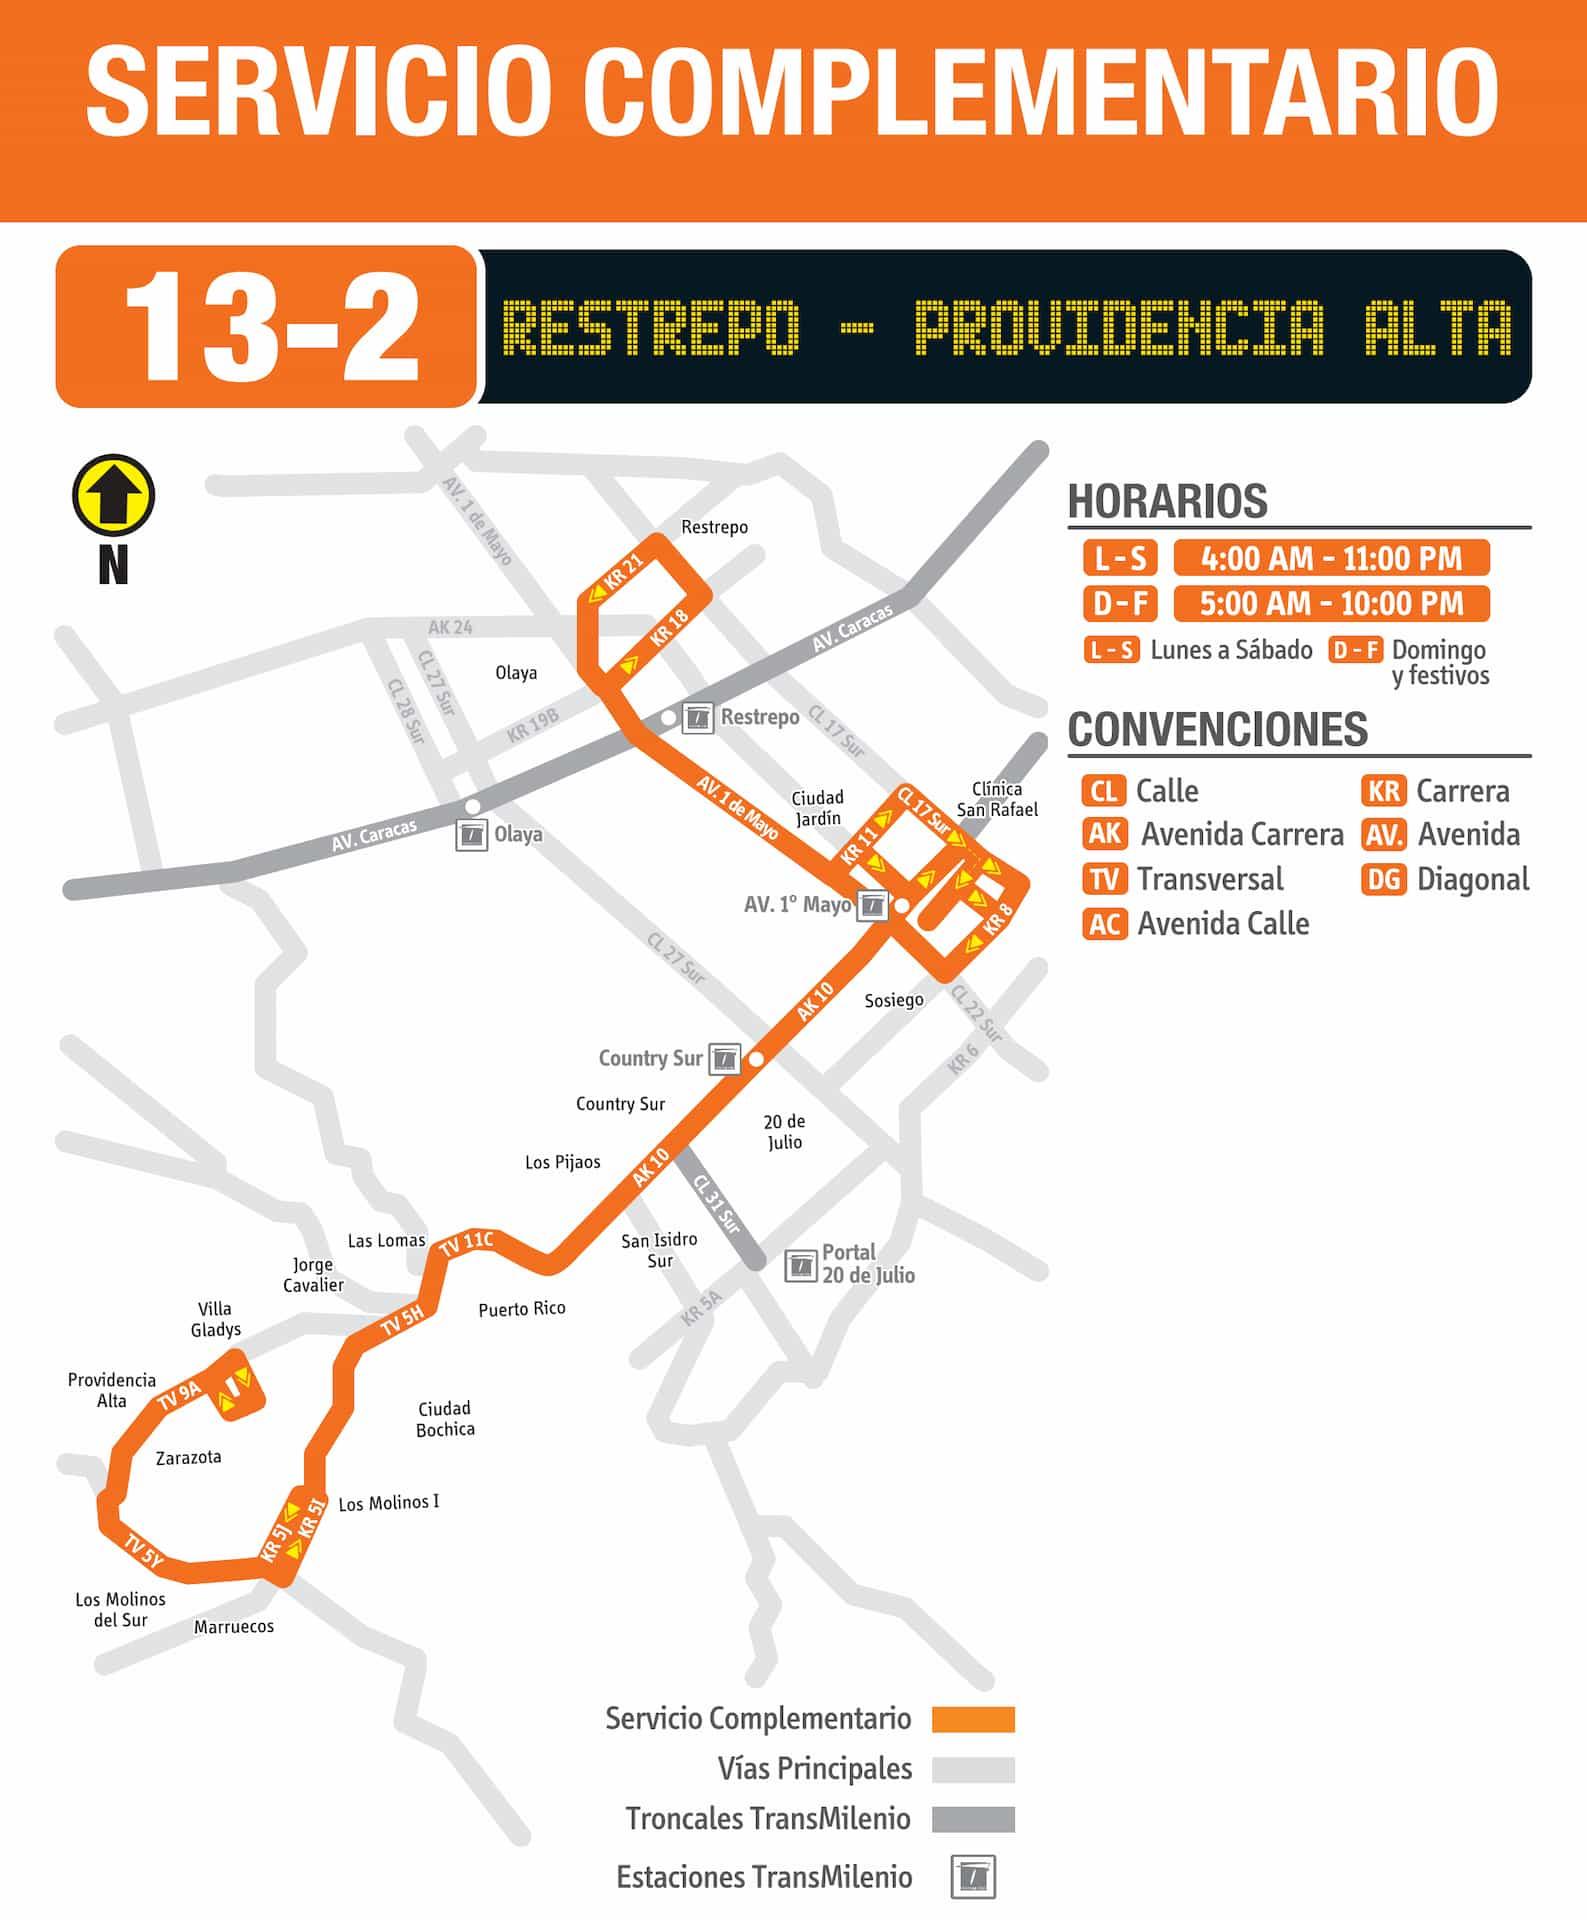 Ruta bus SITP 13-2 Providencia Alta - Restrepo